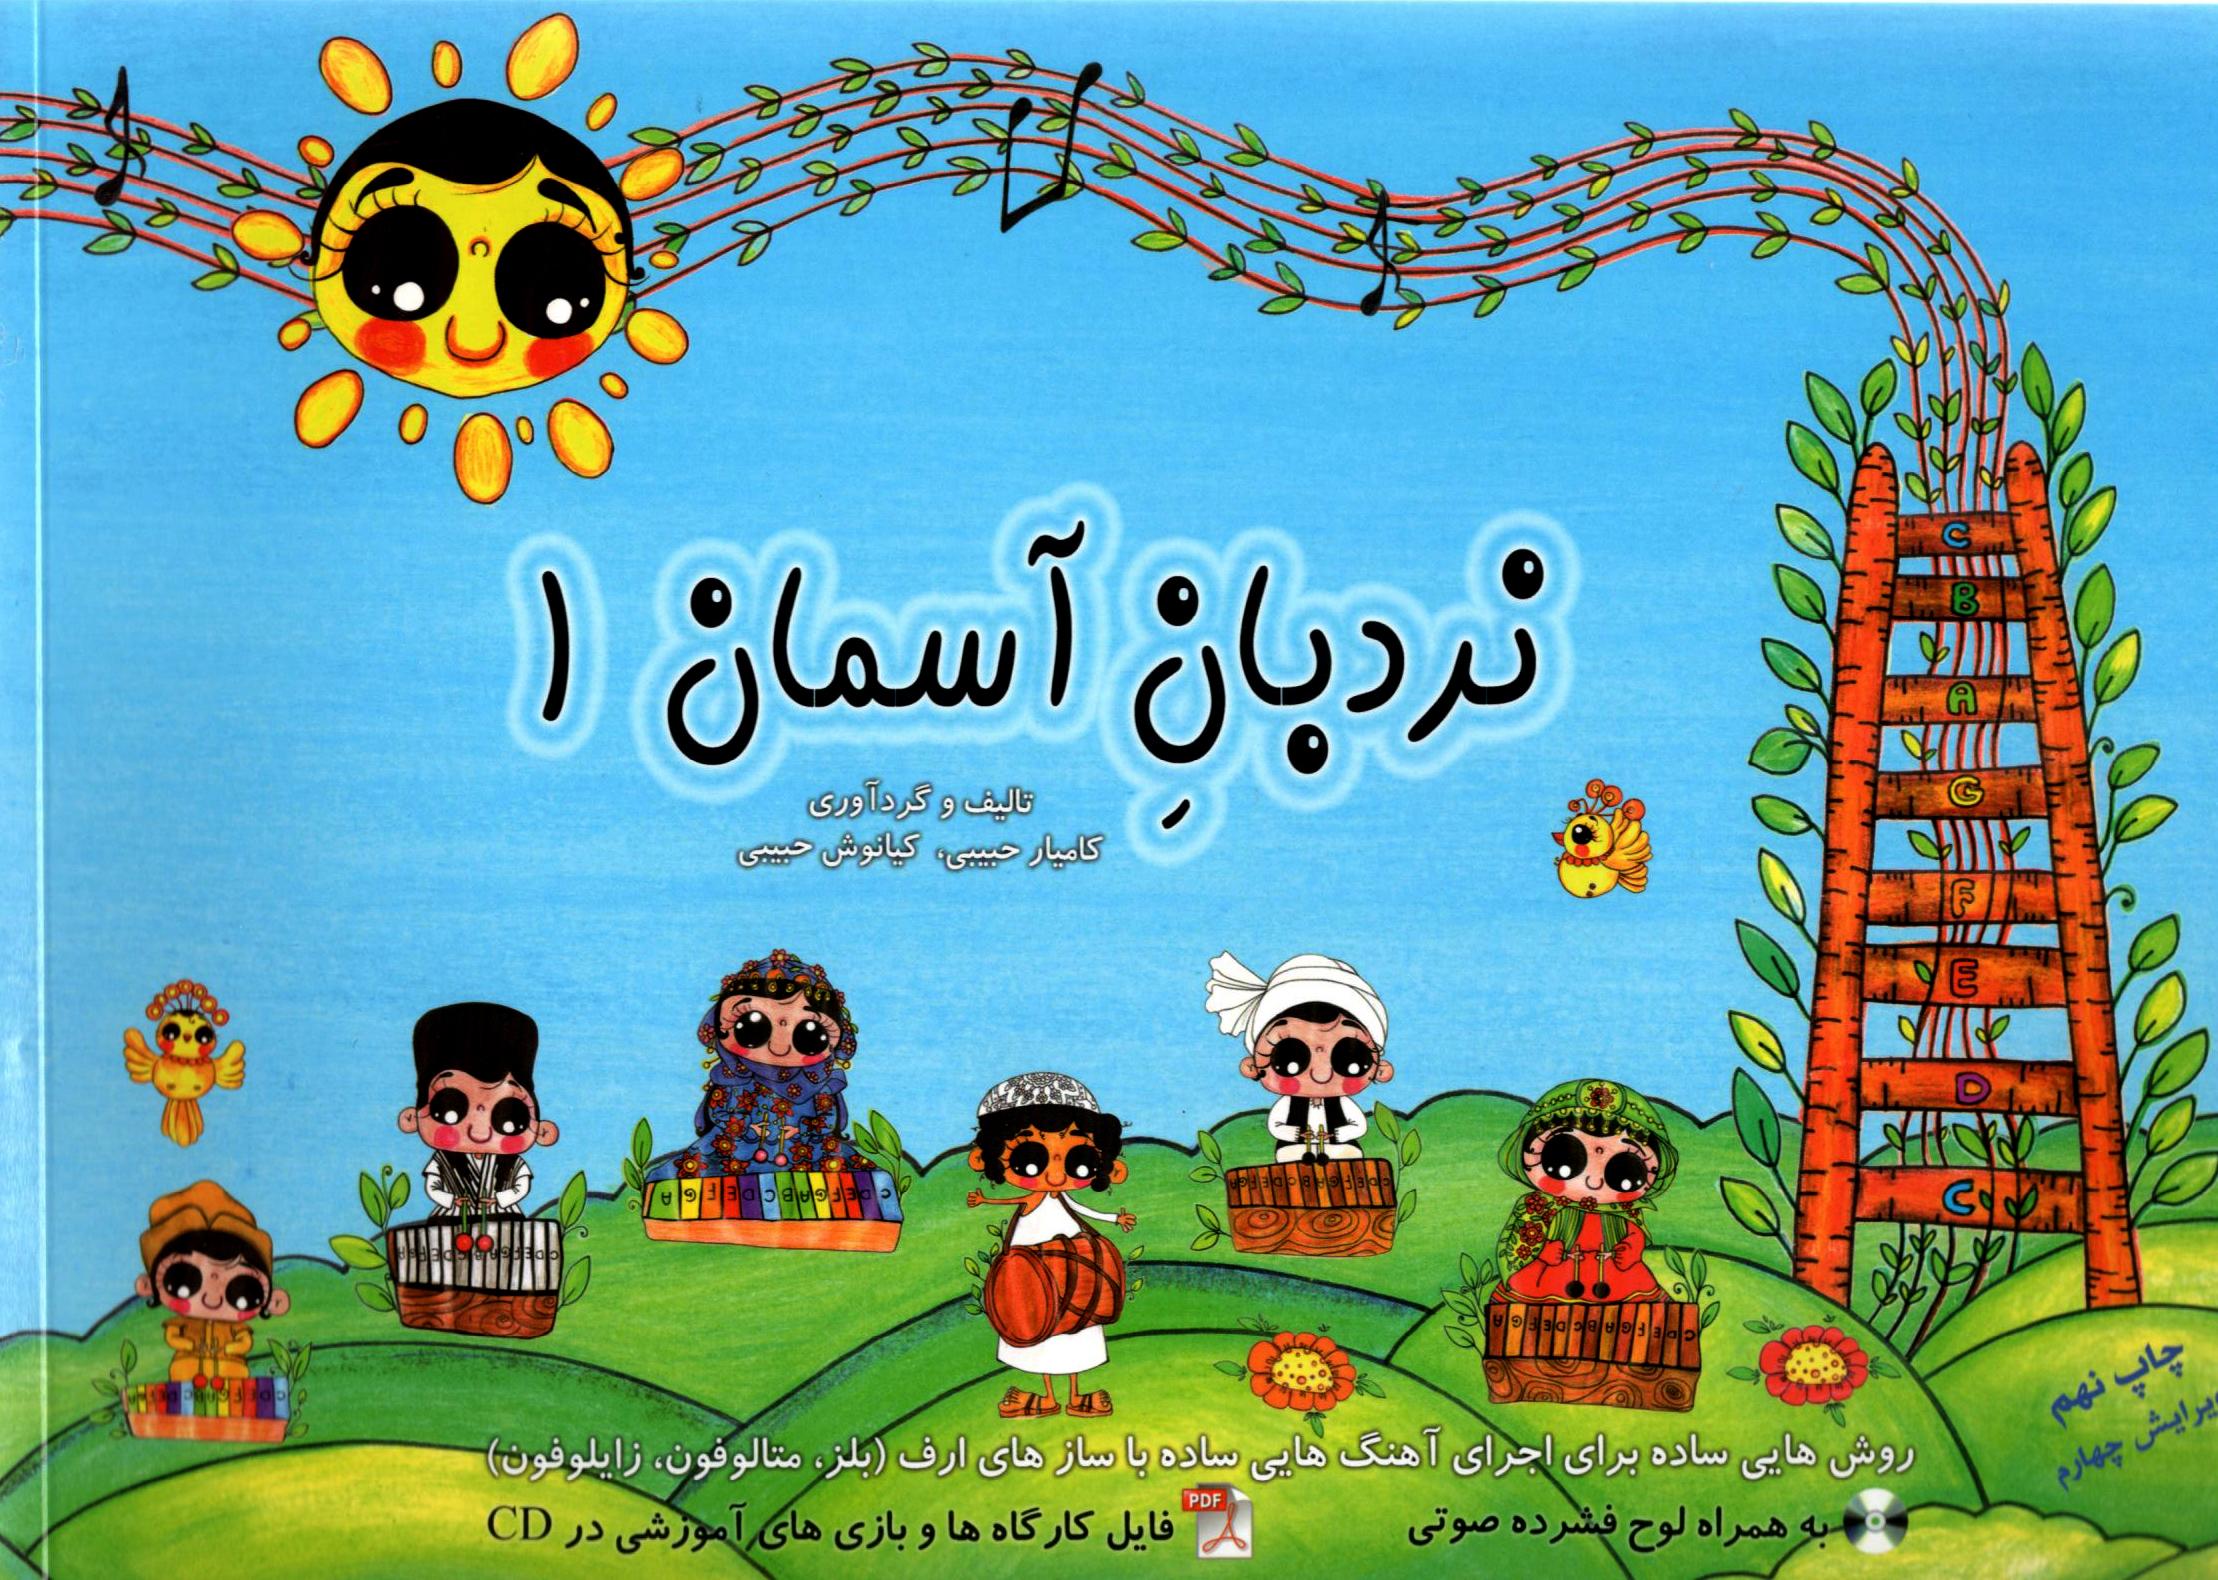 نردبان آسمان 1 بلز کامیار و کیانوش حبیبی